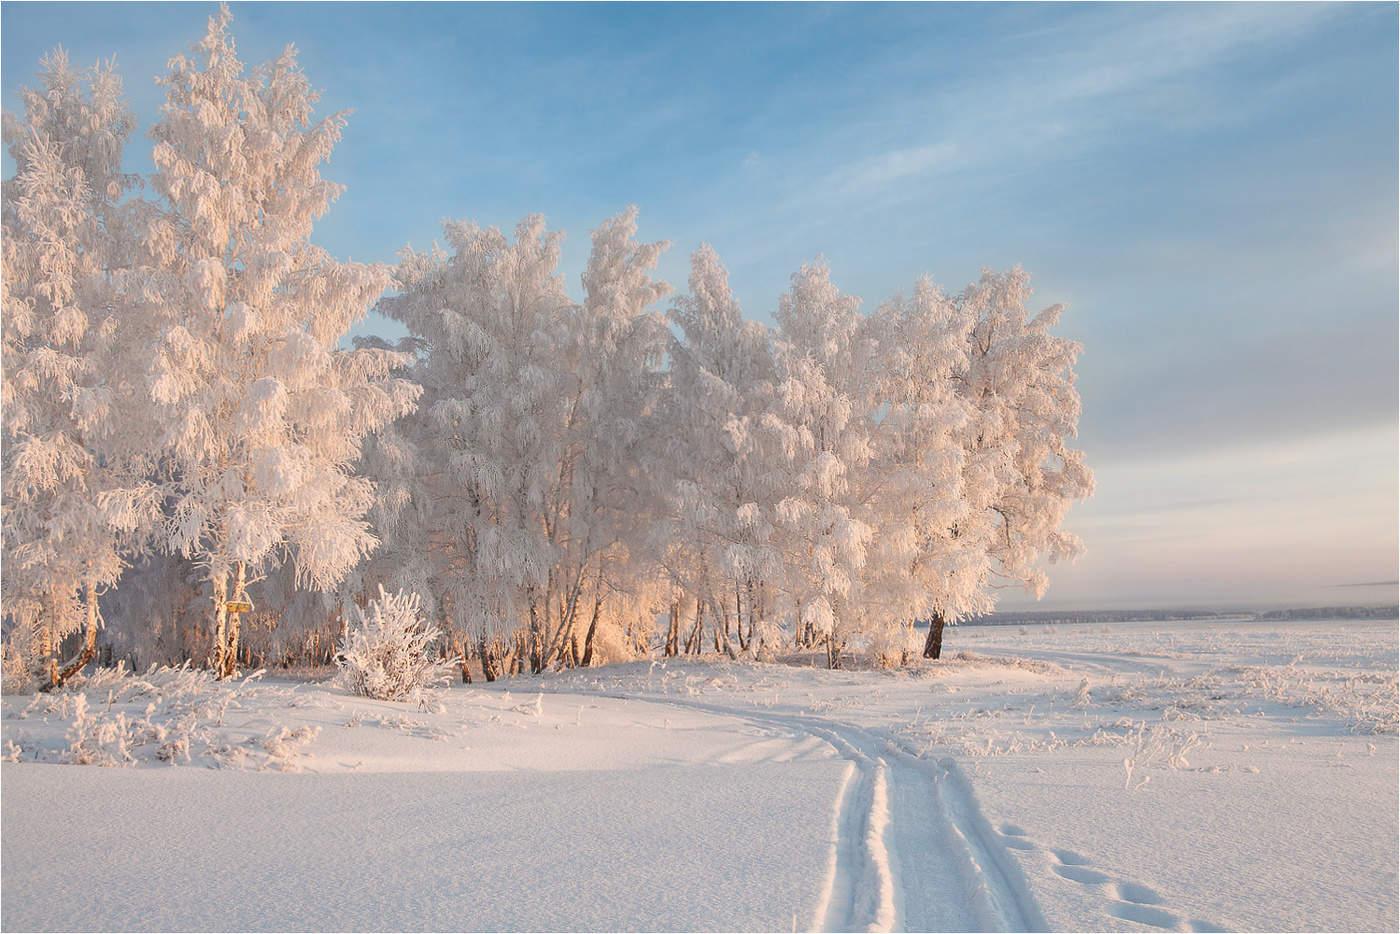 работы фотографии о красоте зимы страдает недуга